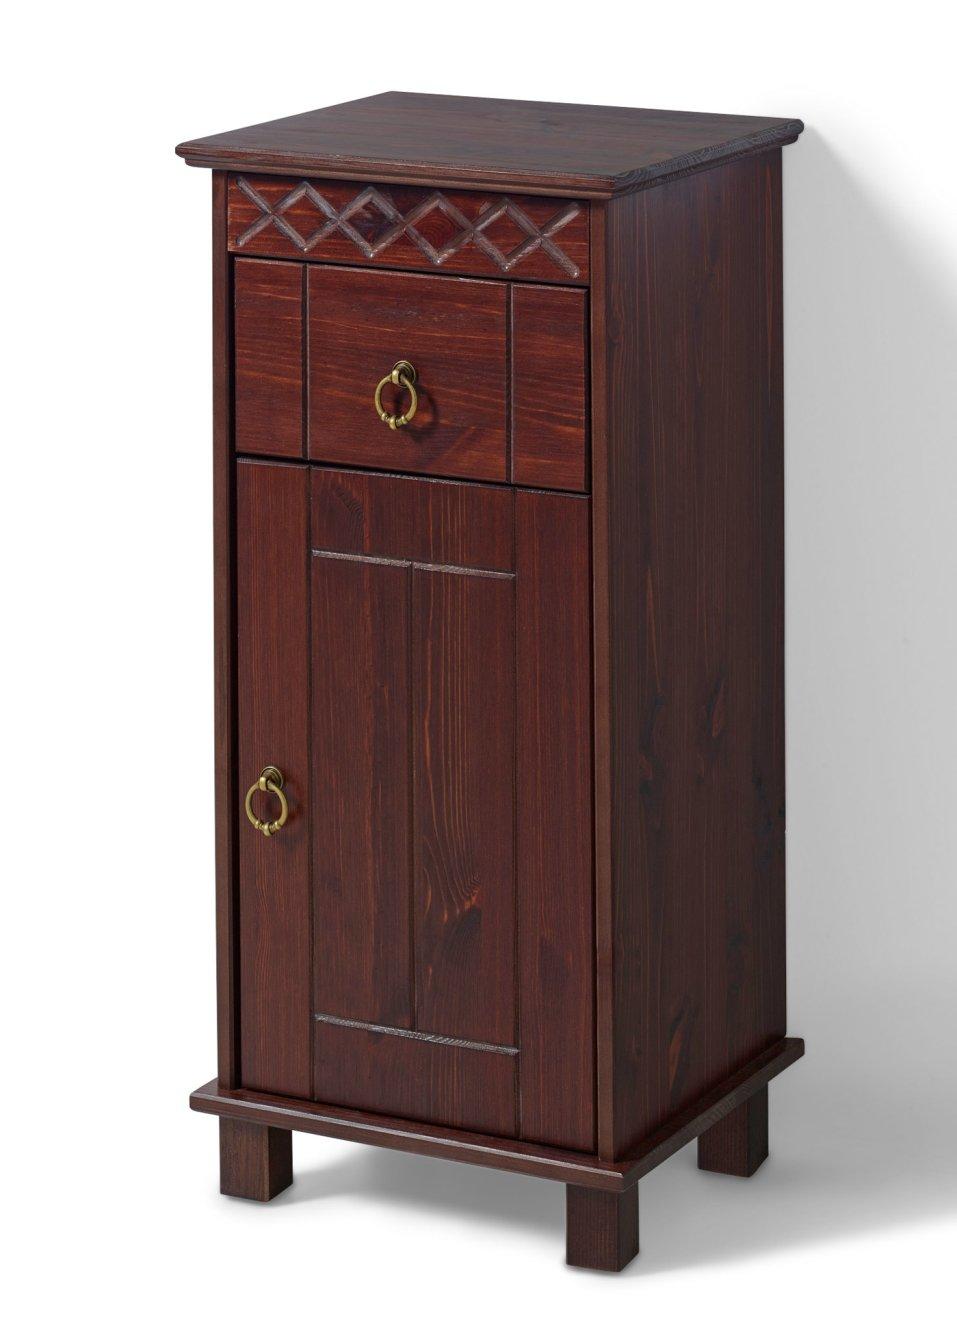 Armadietto da bagno isa marrone scuro casa bpc for Bonprix casa mobili